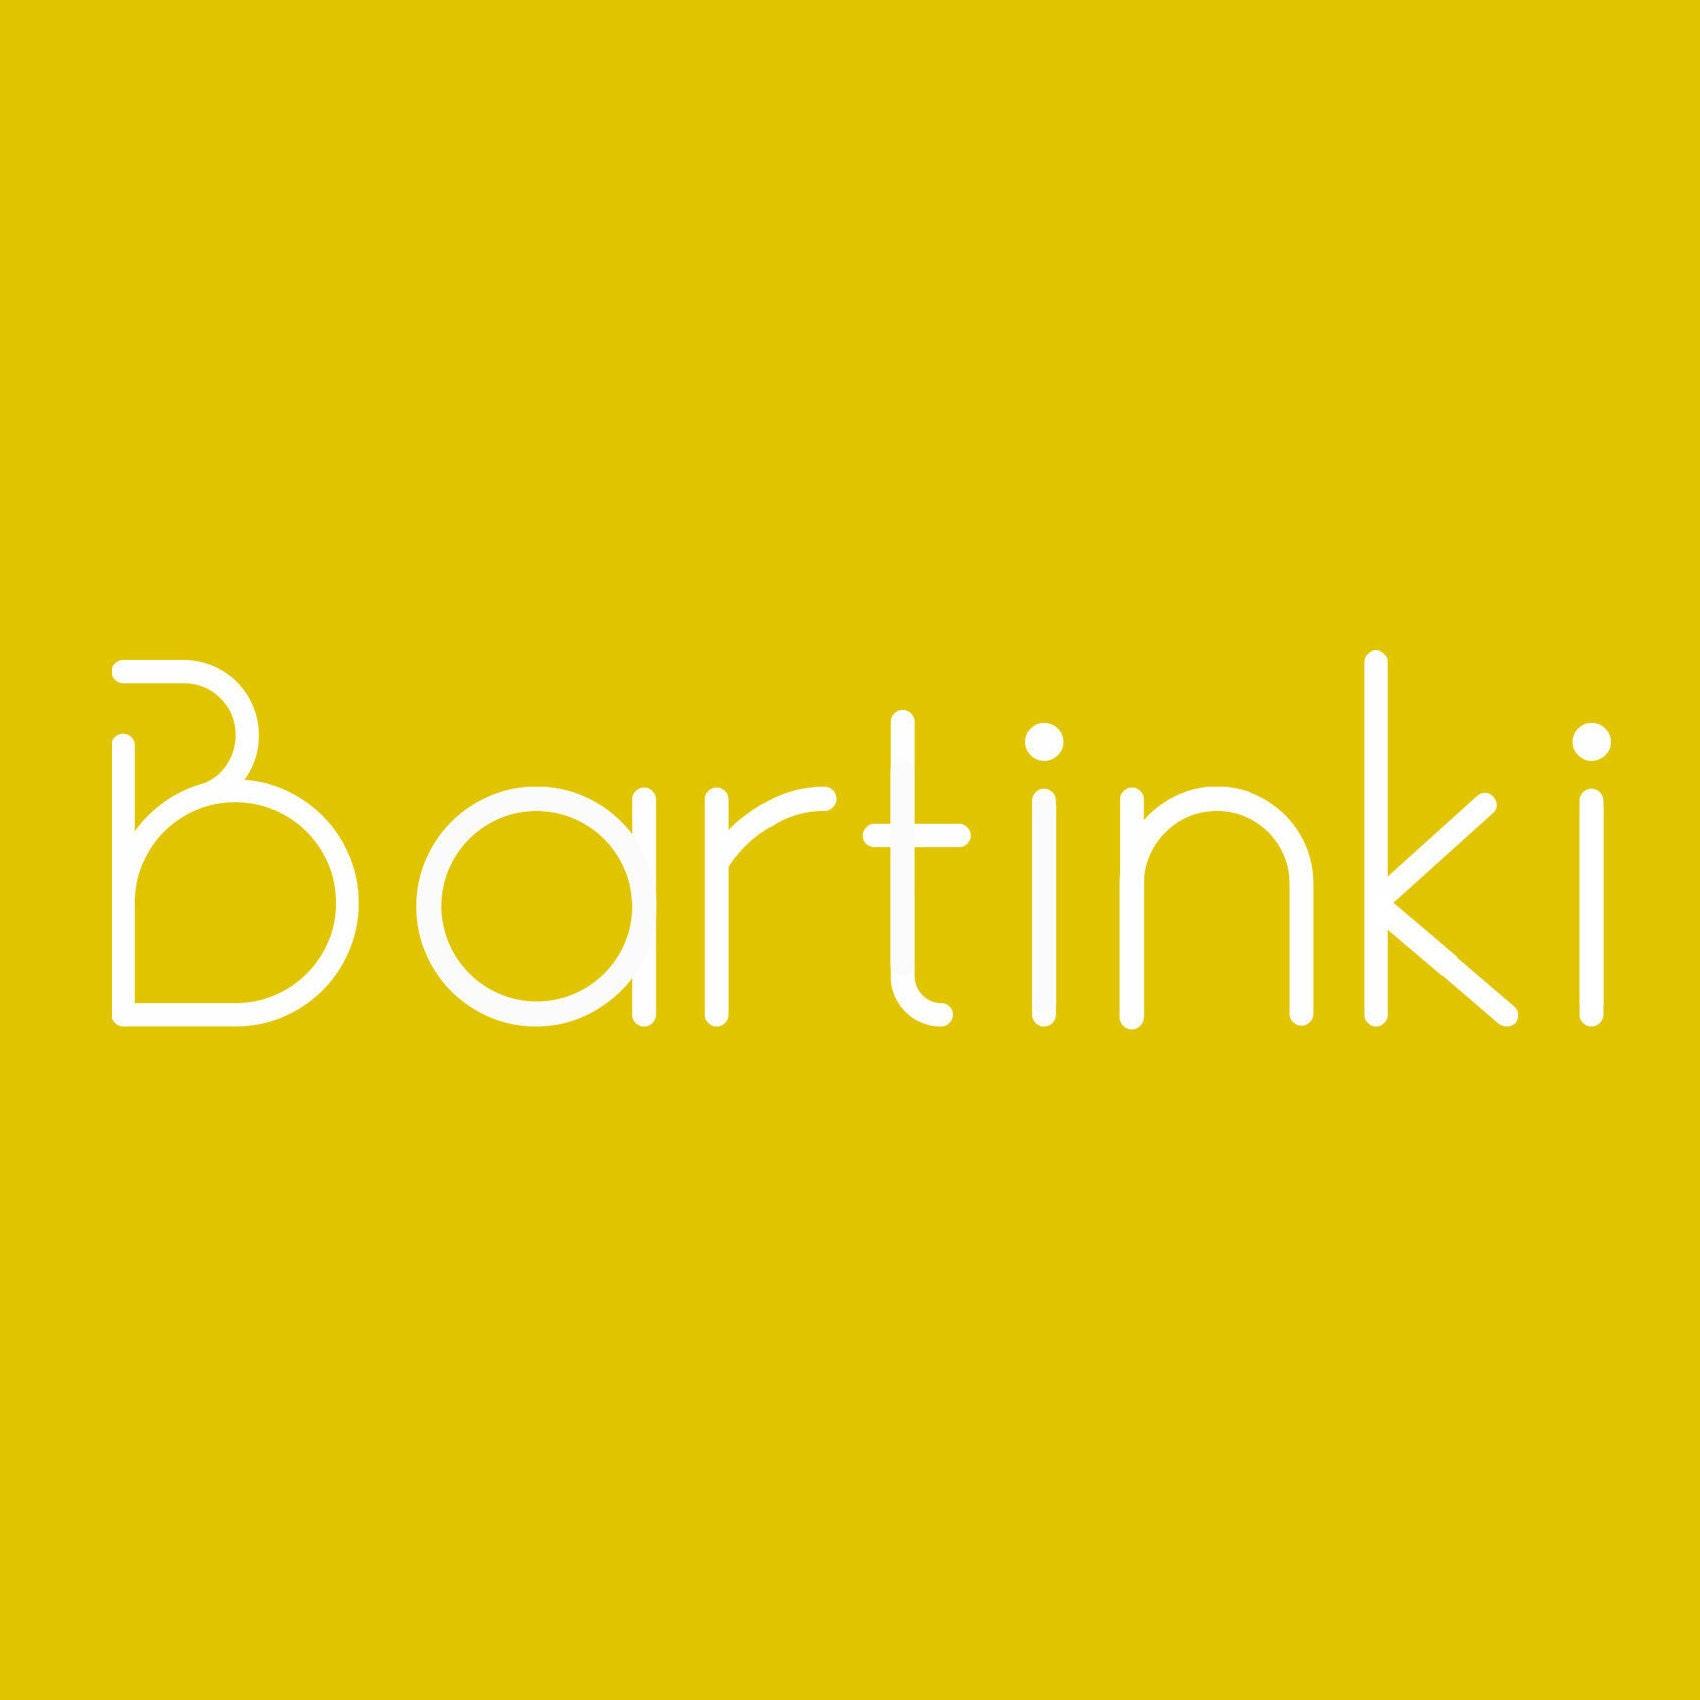 Bartinki